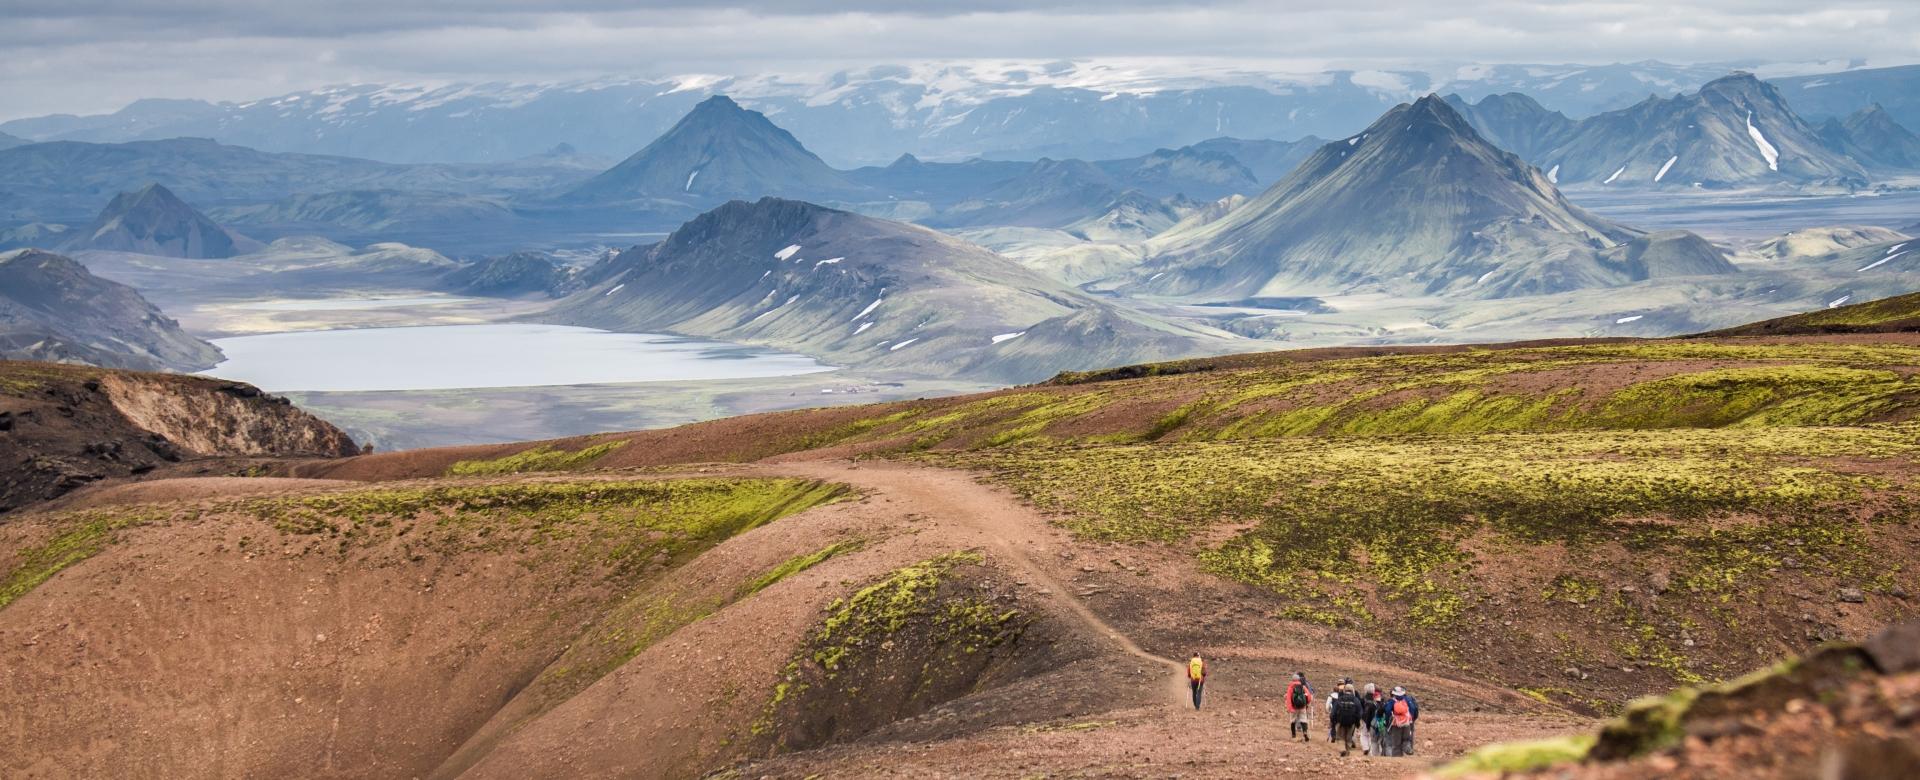 Voyage à pied : Trek du laugavegur via le col de fimmvörðuháls